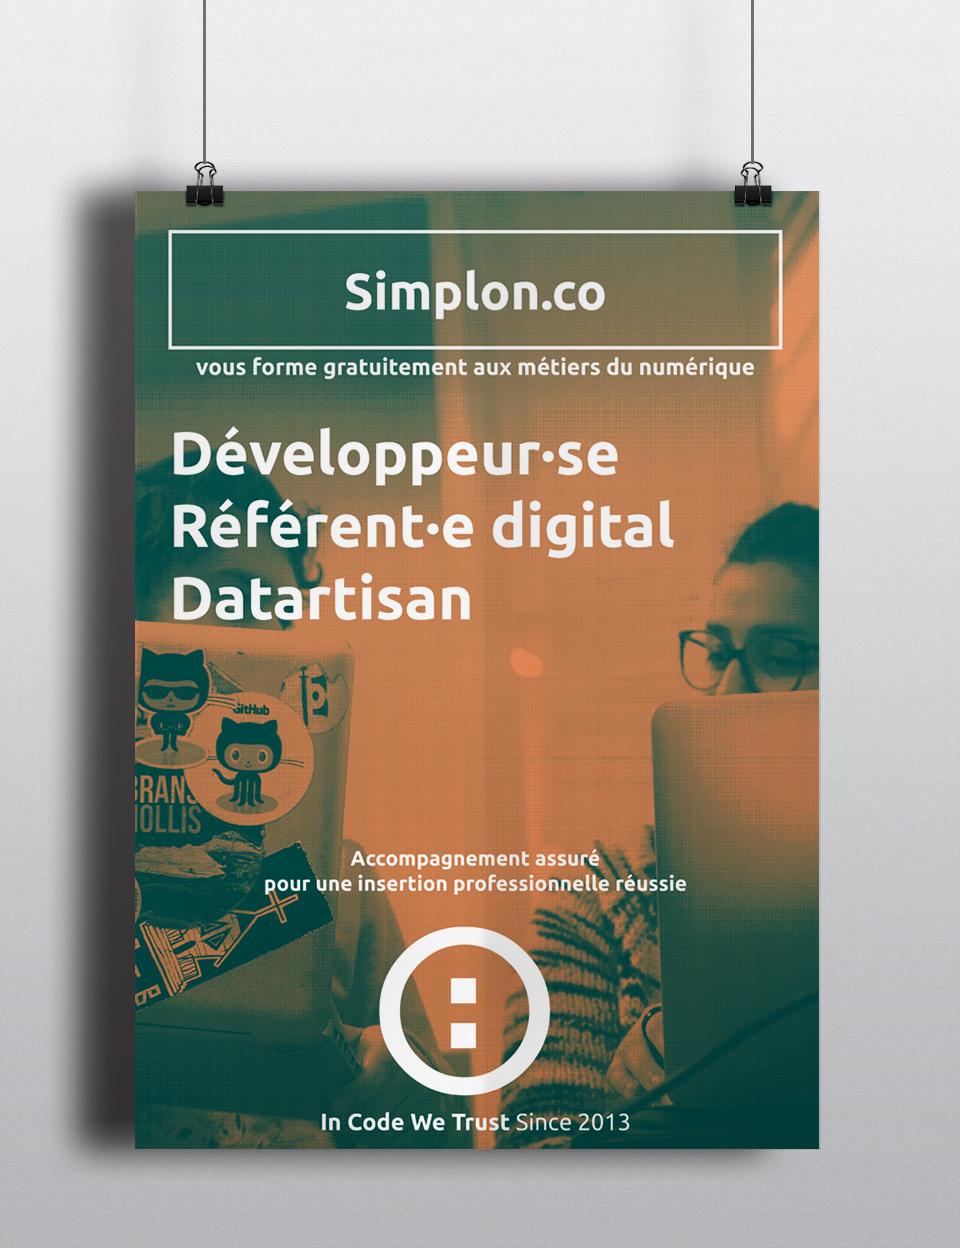 Réalisation de posters pour Simplon.co - réalisation da-conceicao.com